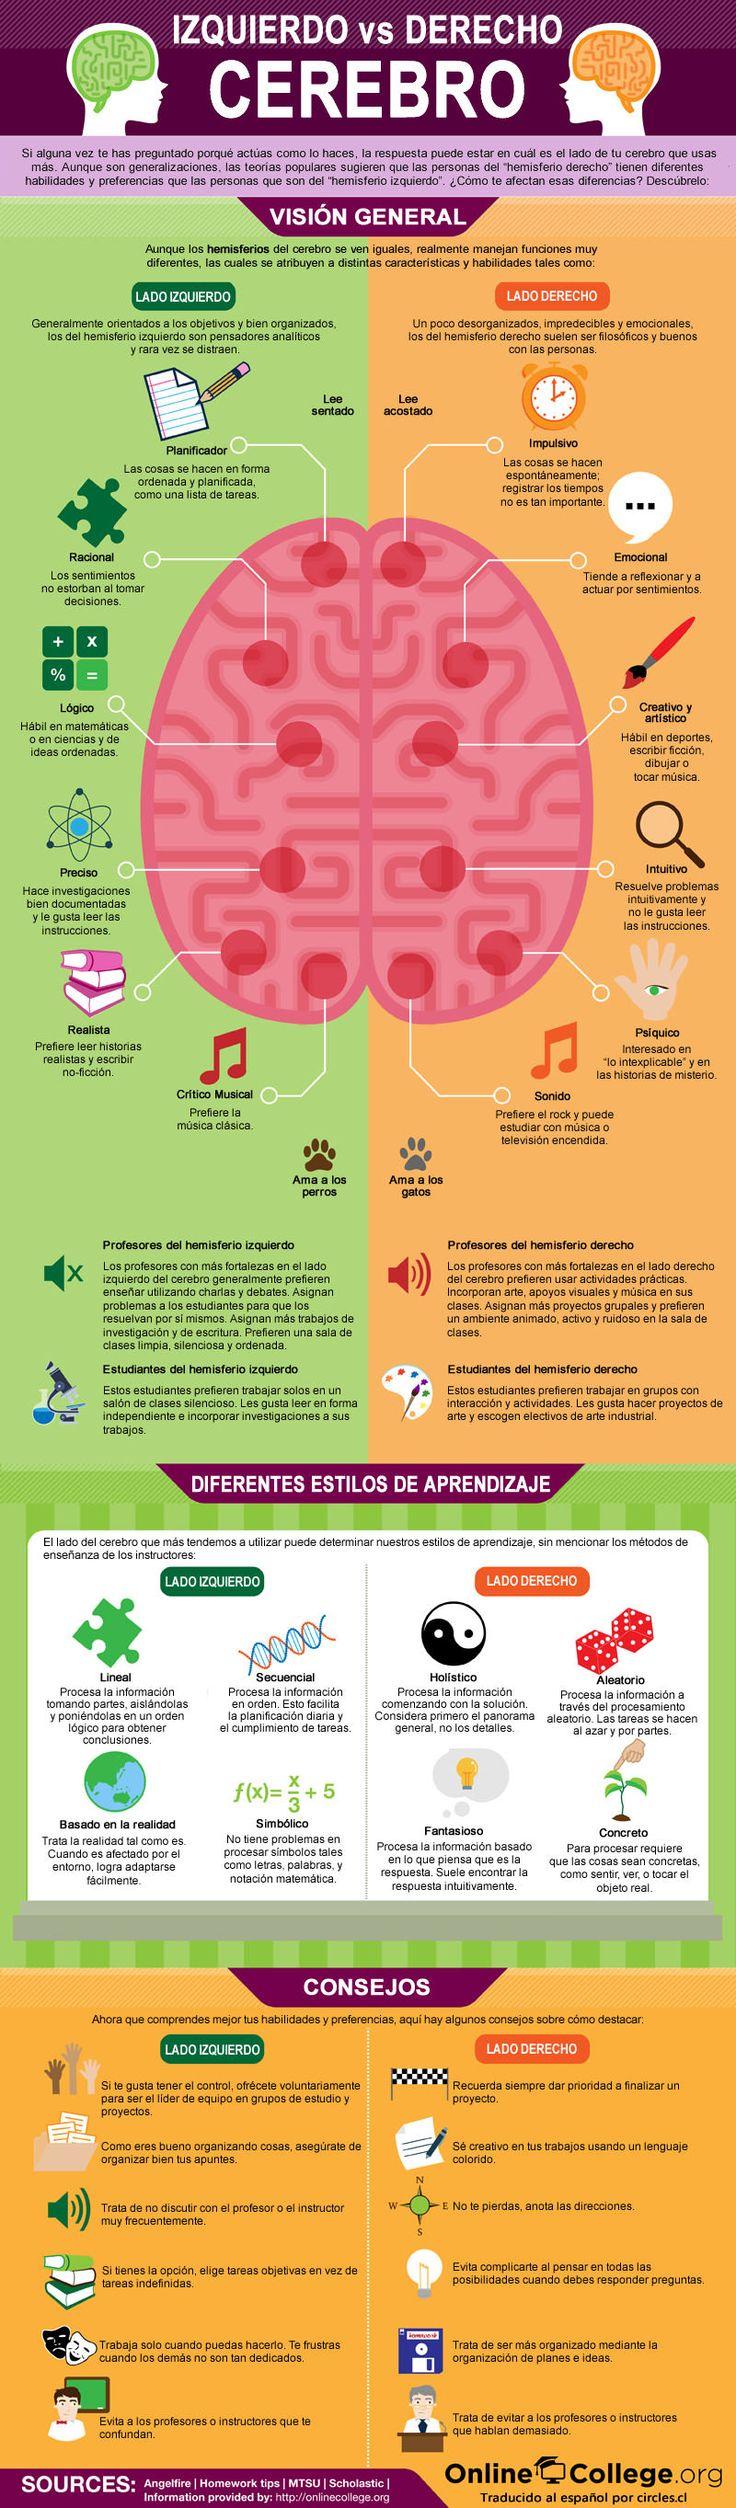 El comportamiento de acuerdo al lado del cerebro que más usamos - Infografía - Circles.cl